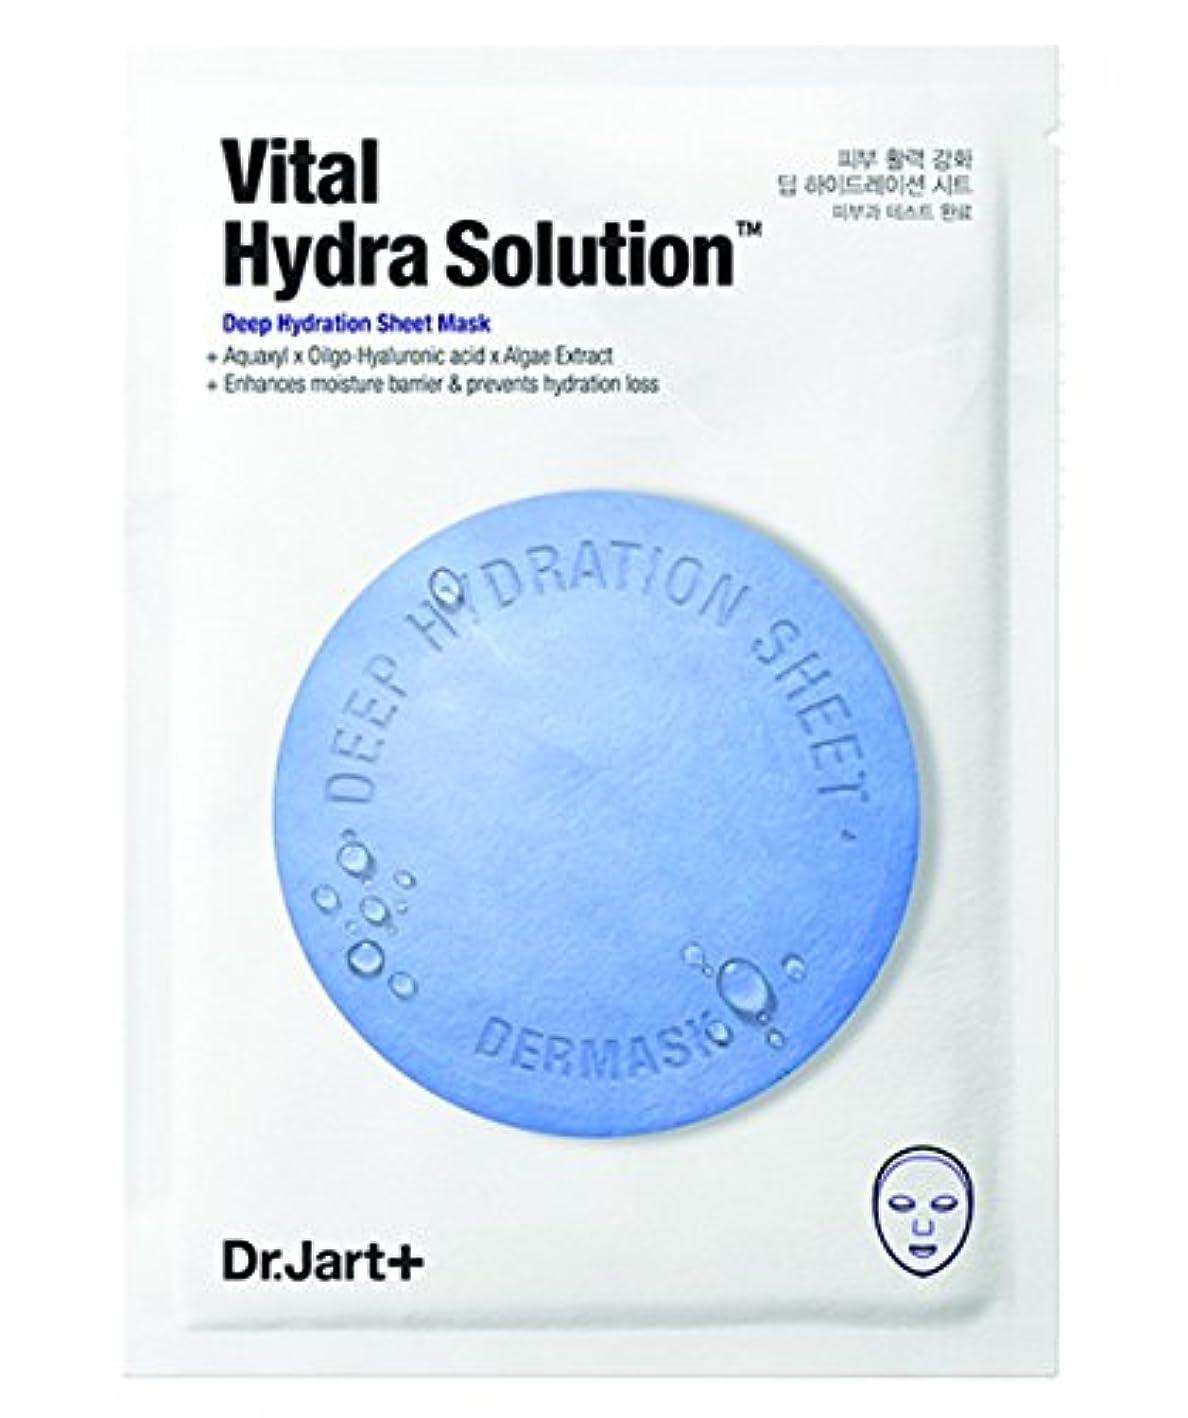 帽子受け取る減衰Dr.Jart+ Dermask Vital Hydra Solution Deep Hydration Sheet Mask (25g × 5ea)/ドクタージャルト ダーマスク バイタル ハイドラ ソリューション ディープ...